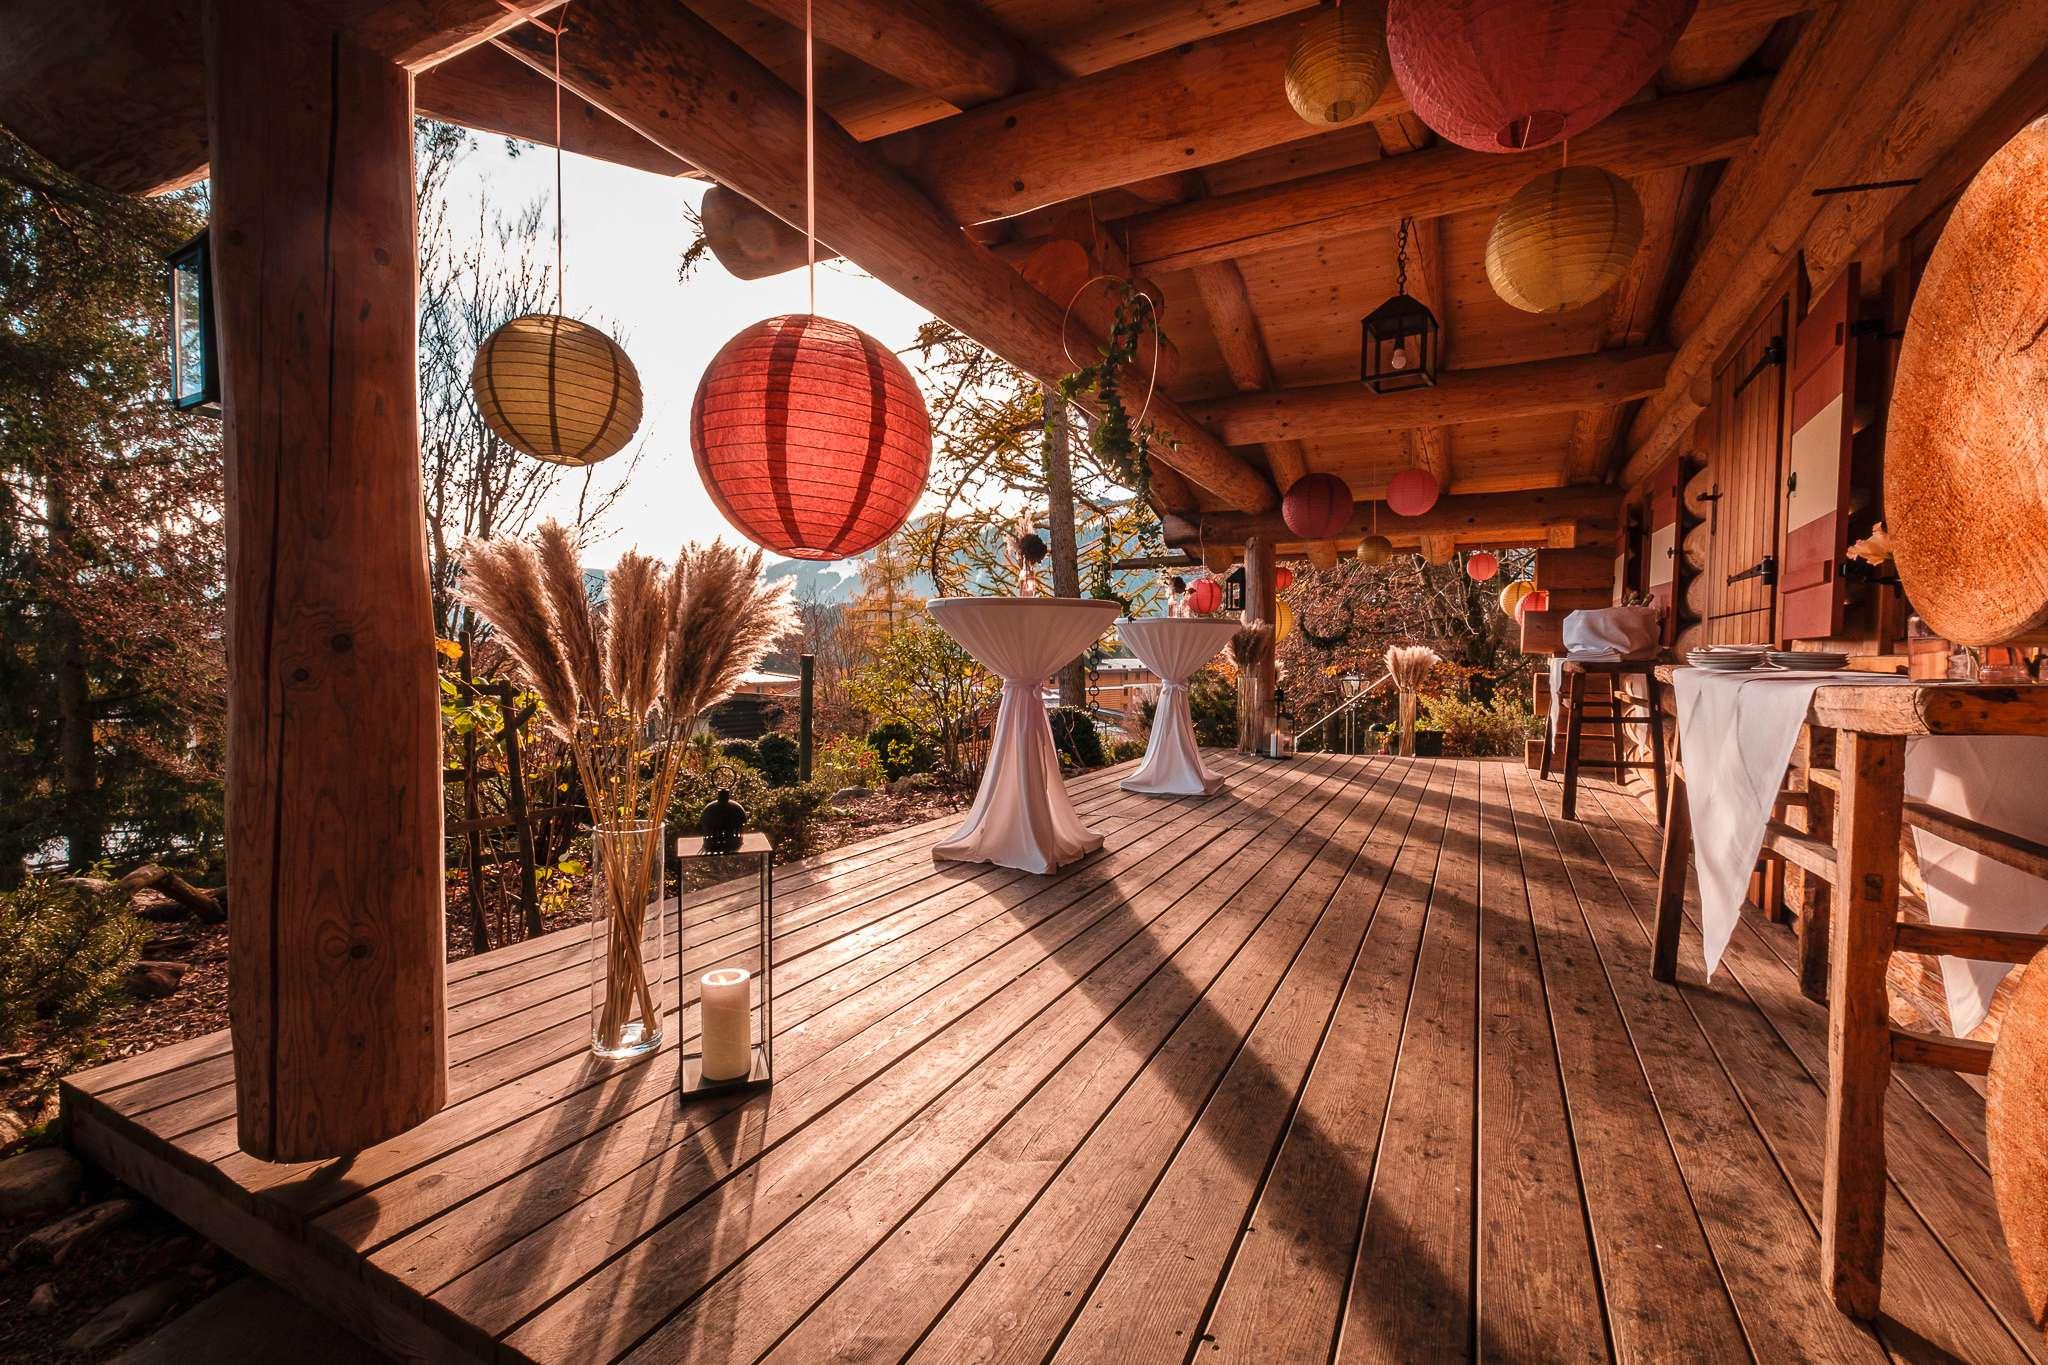 Die Veranda des Donnenalp Resorts ist mit verschieden großen Lampions in rot und gelb geschmückt.